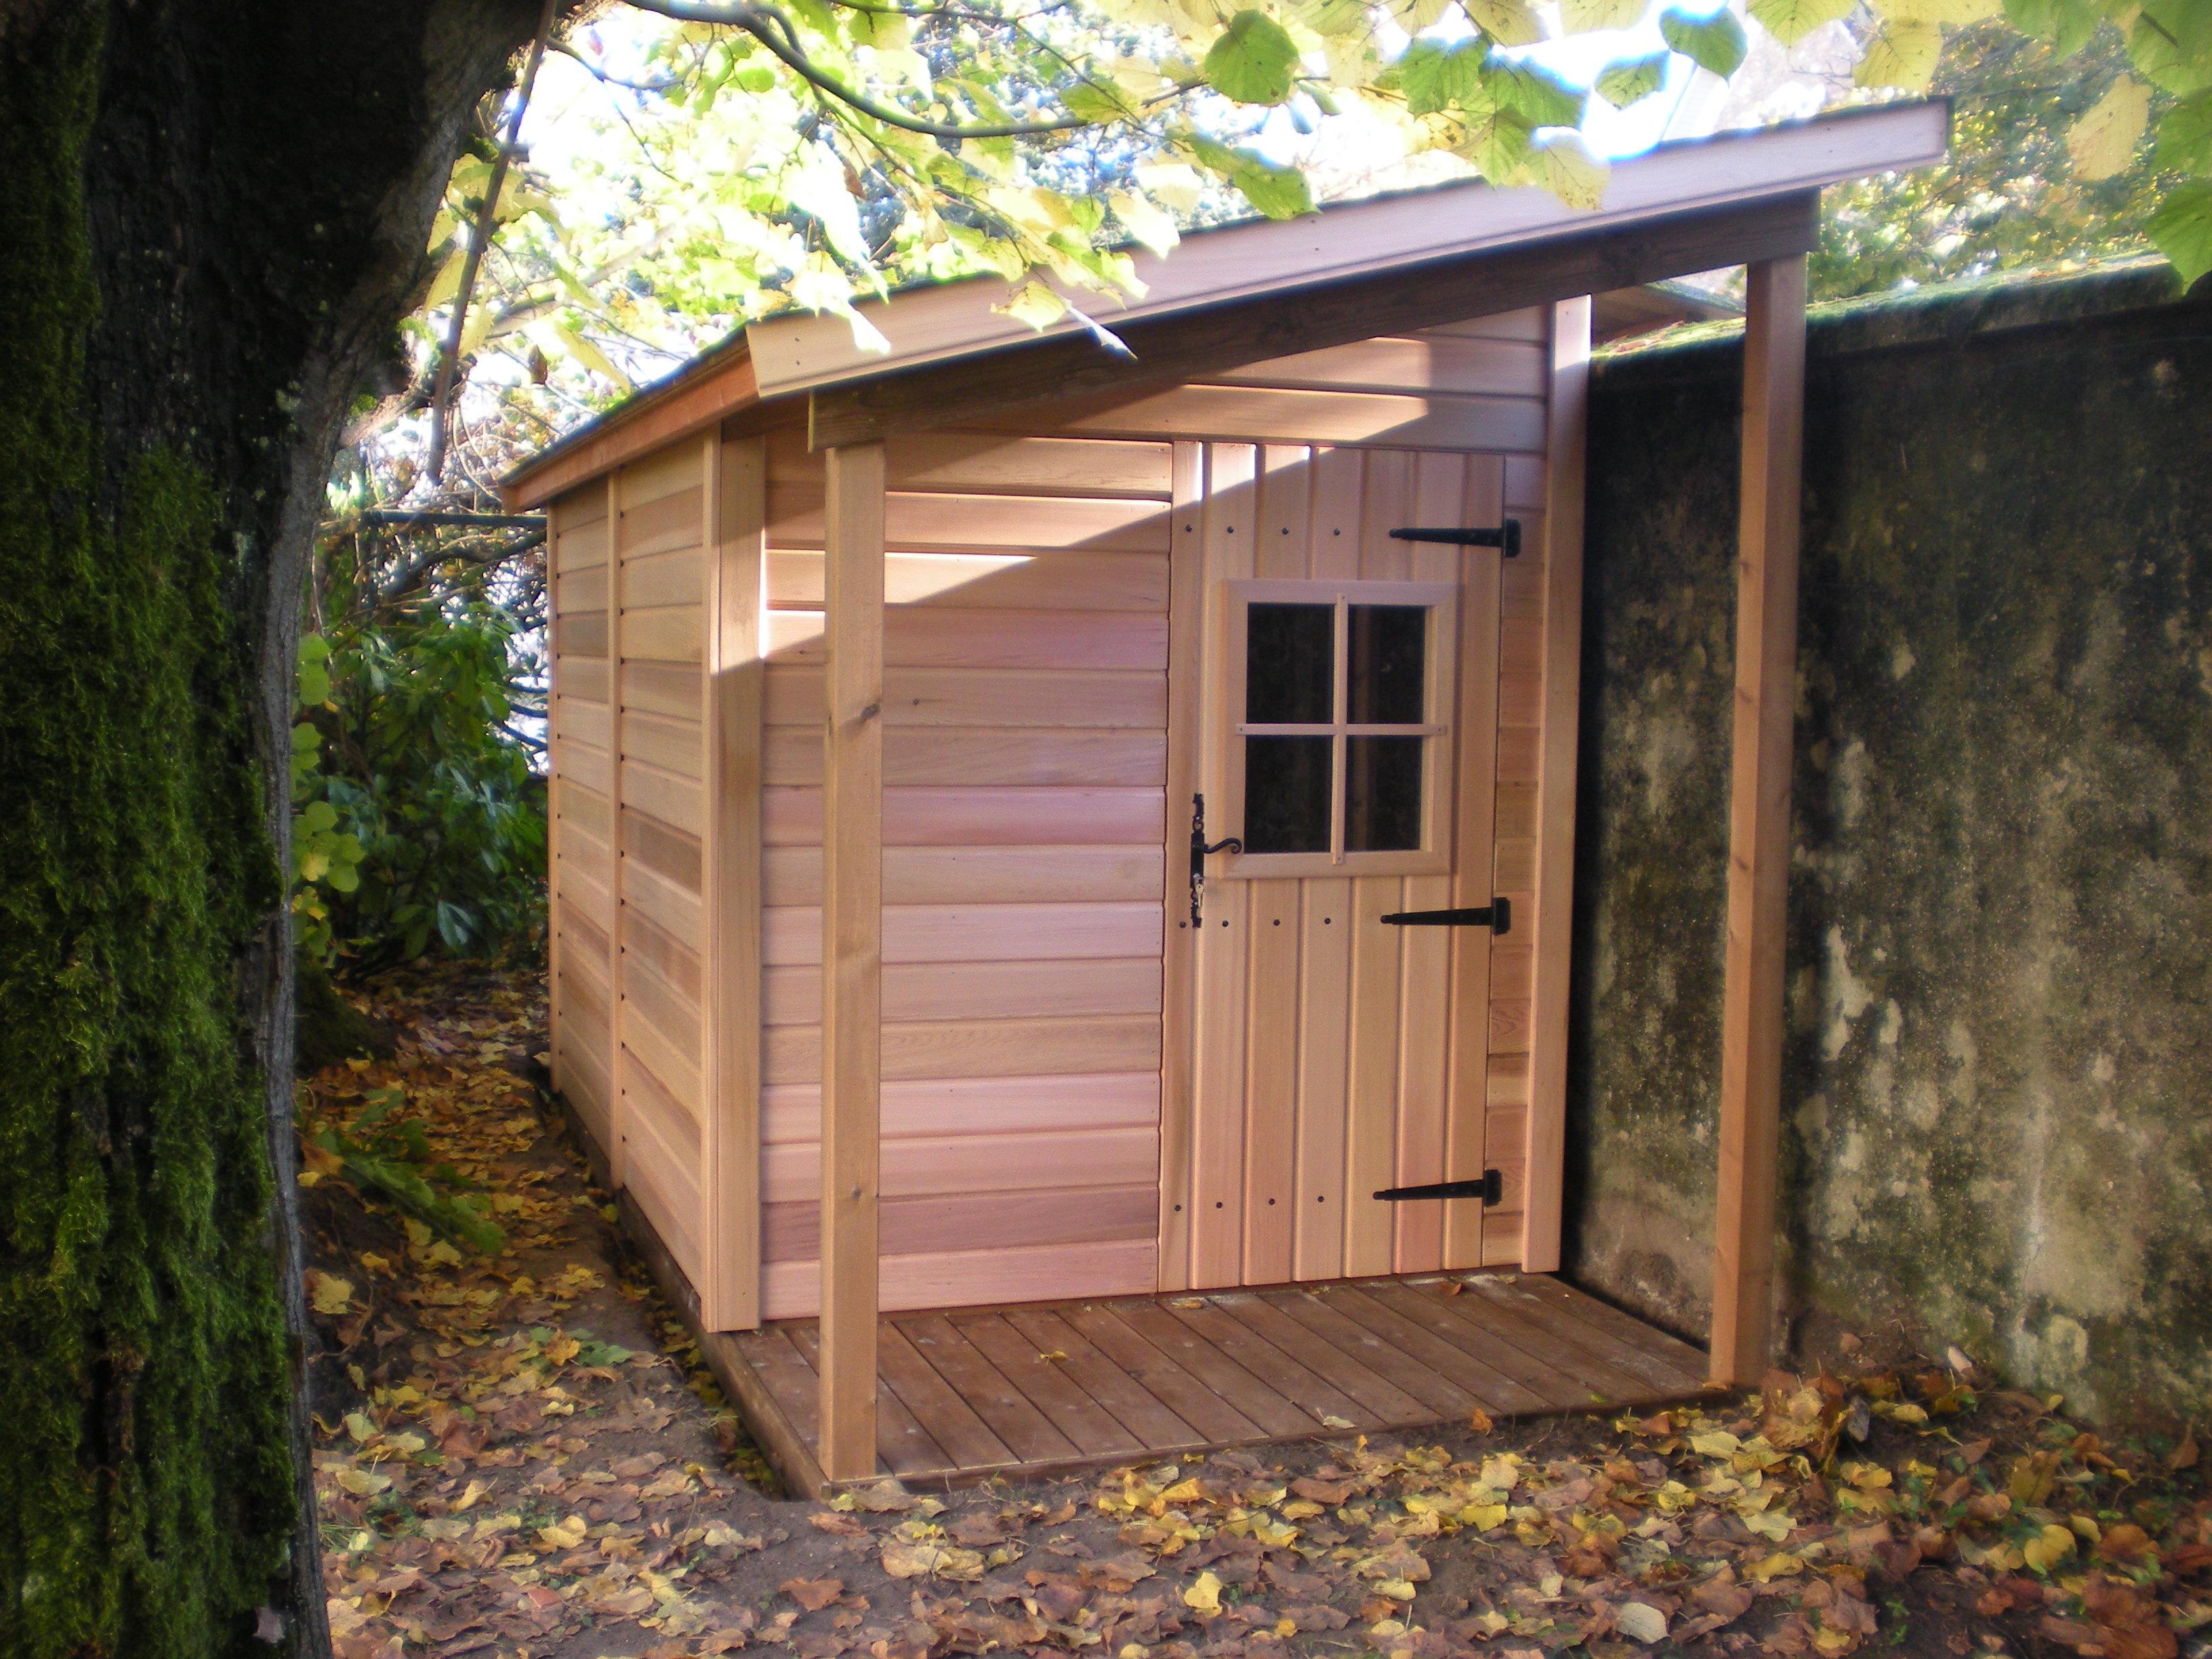 Abri de jardin en bois montfort 2 50mx5 00m a adosser un for Abris de jardins en bois